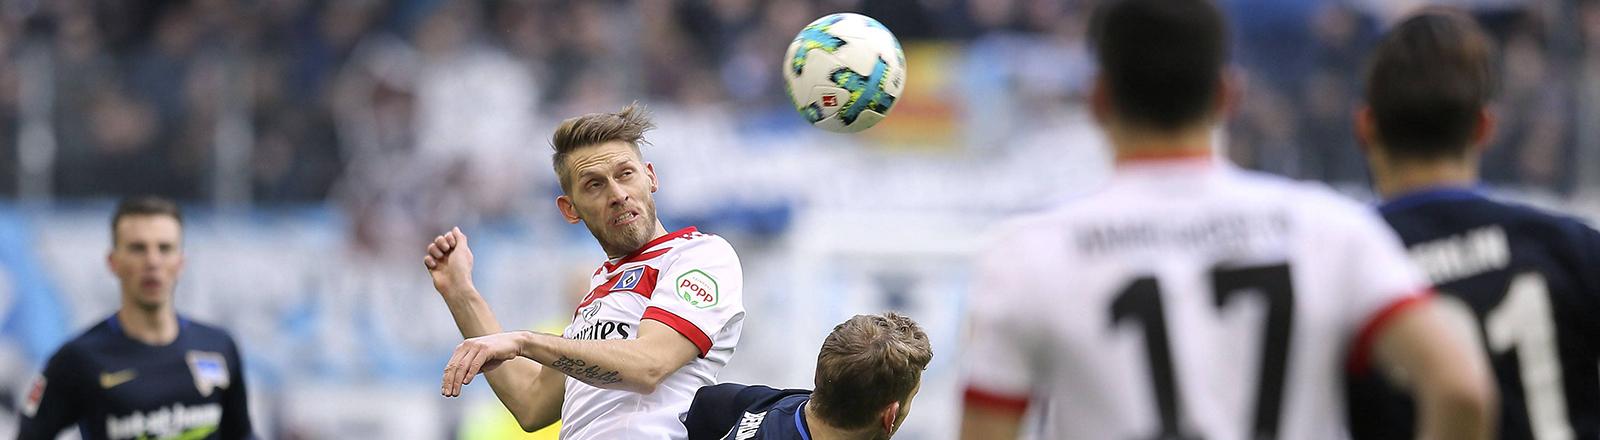 Aaron Hunt vom Hamburger SV gegen Fabian Lustenberger von Hertha BSC.